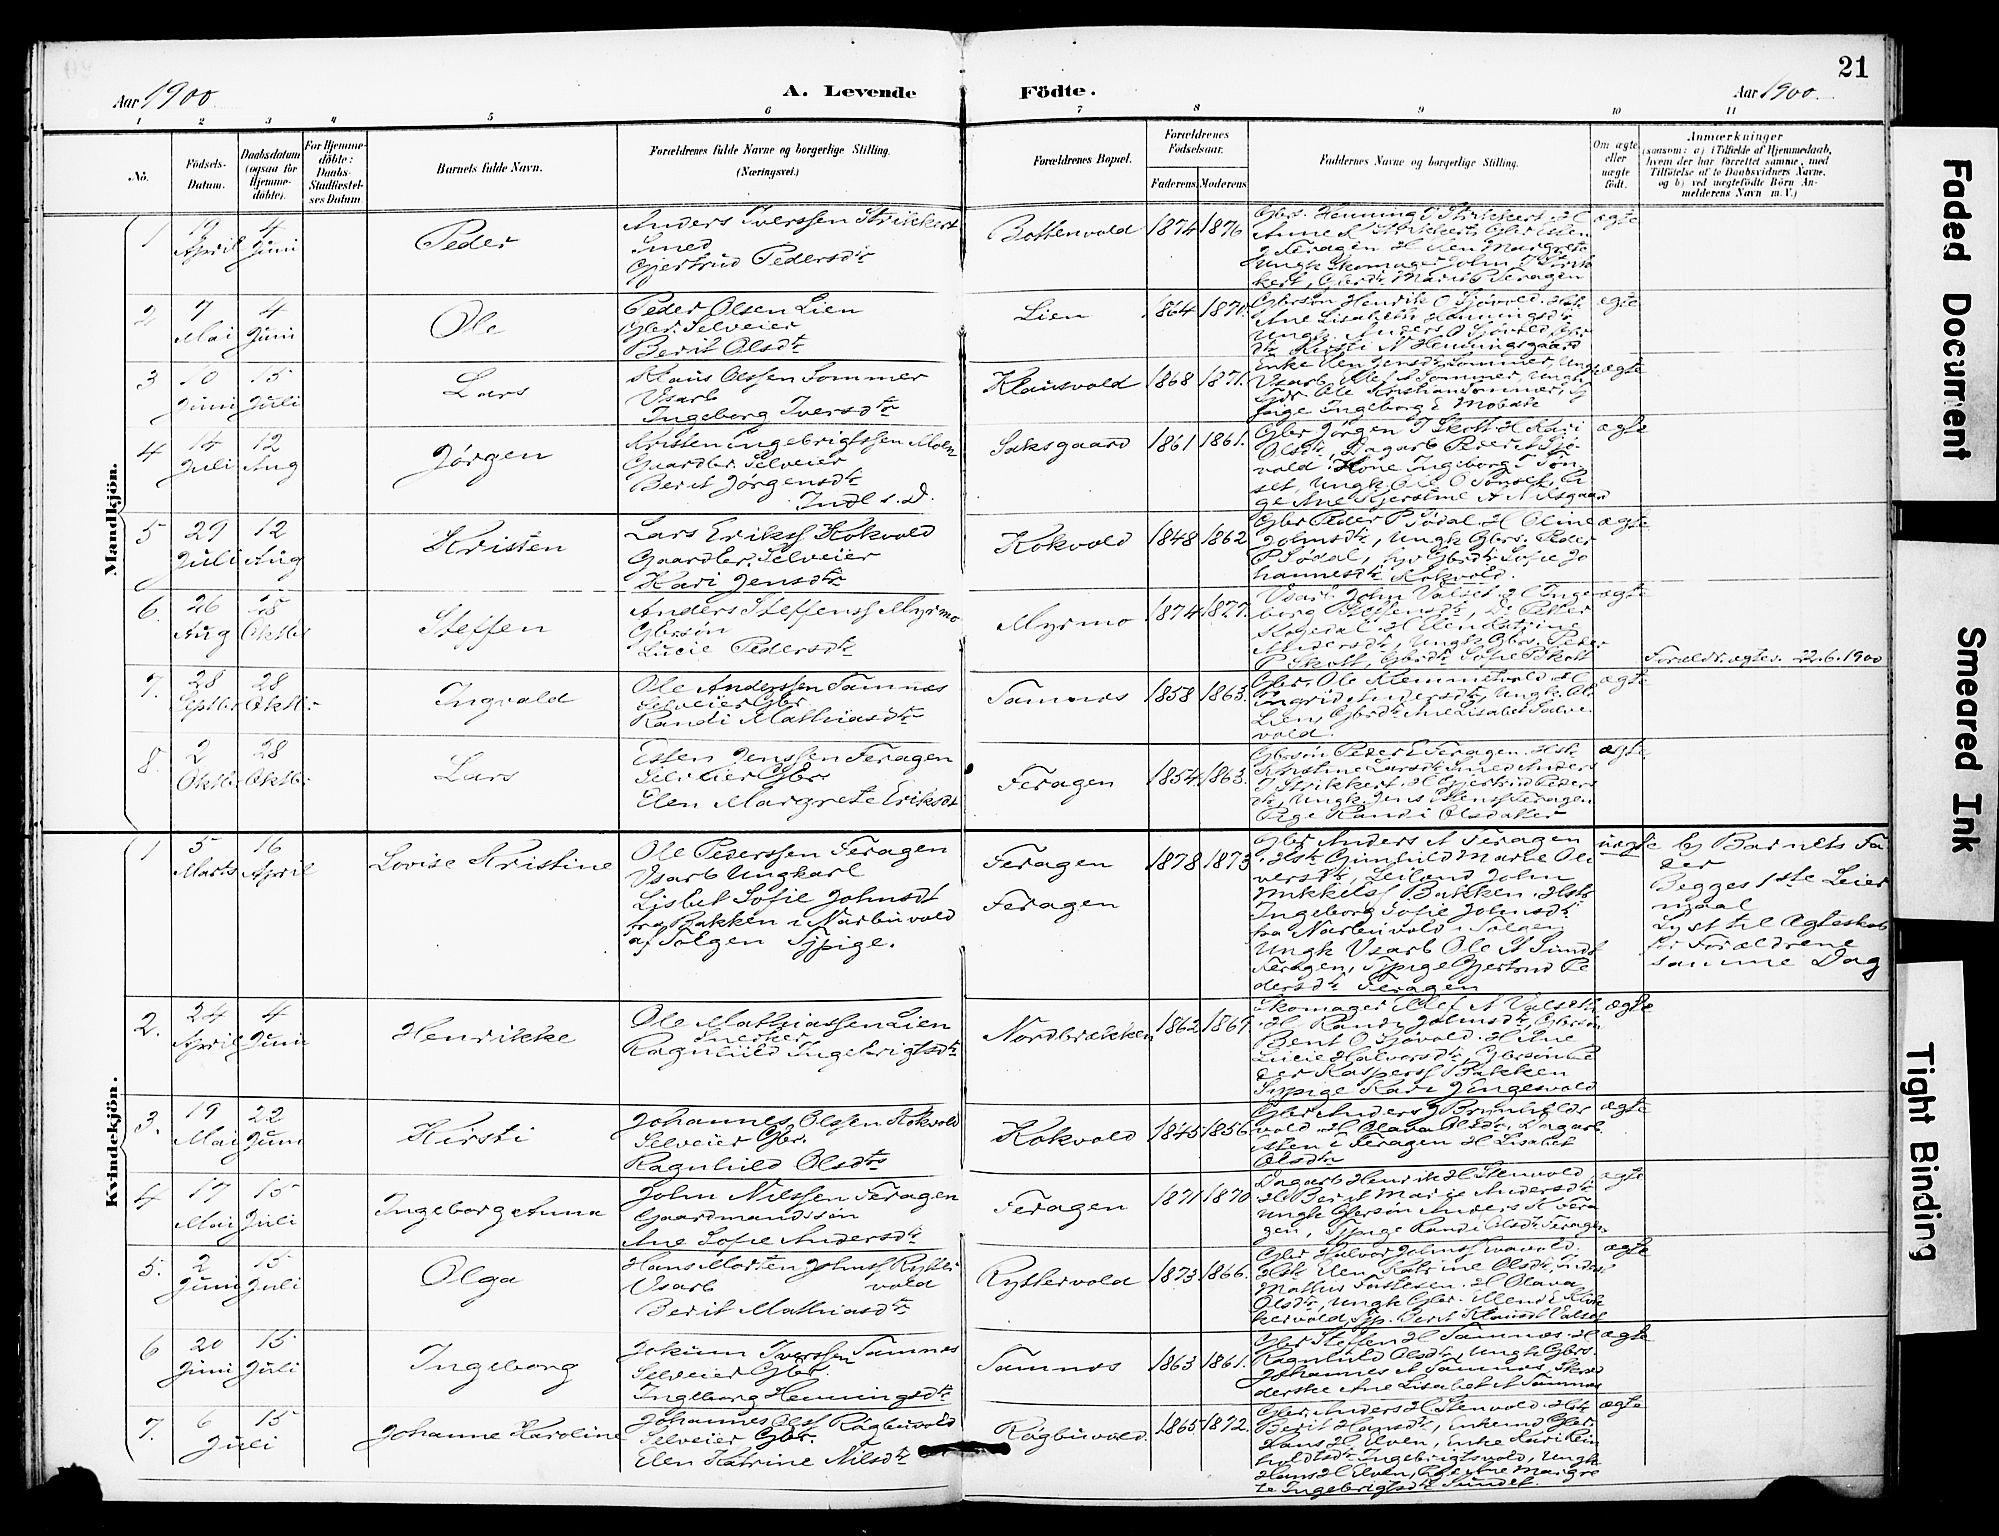 SAT, Ministerialprotokoller, klokkerbøker og fødselsregistre - Sør-Trøndelag, 683/L0948: Ministerialbok nr. 683A01, 1891-1902, s. 21